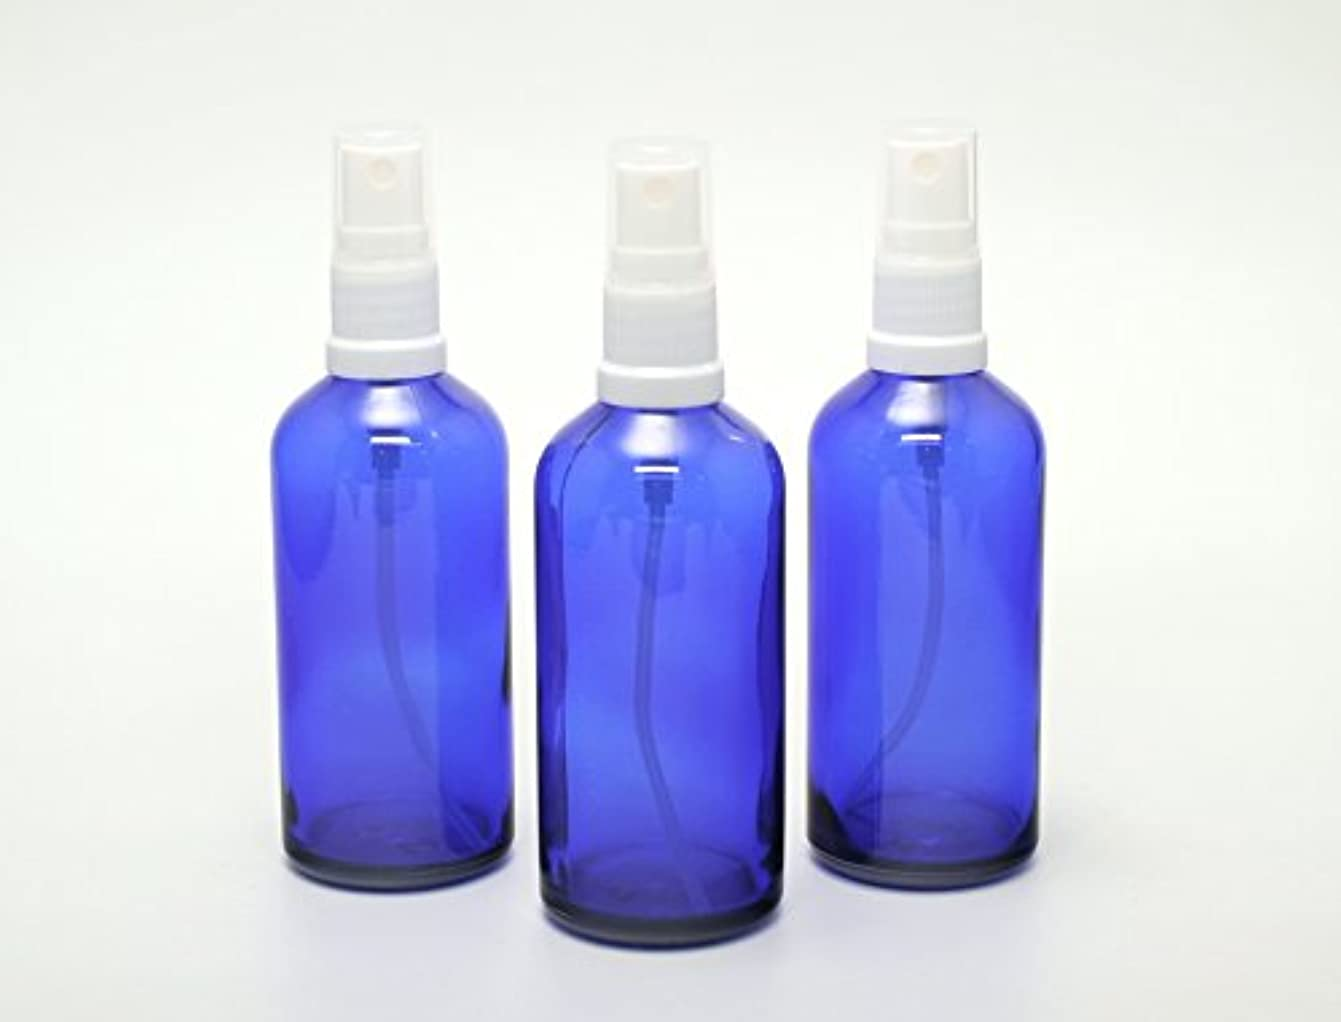 不均一熱望するフラスコ遮光瓶 スプレーボトル (グラス/アトマイザー) 100ml / ブルー? ホワイトヘッド 3本セット 【新品アウトレット商品 】